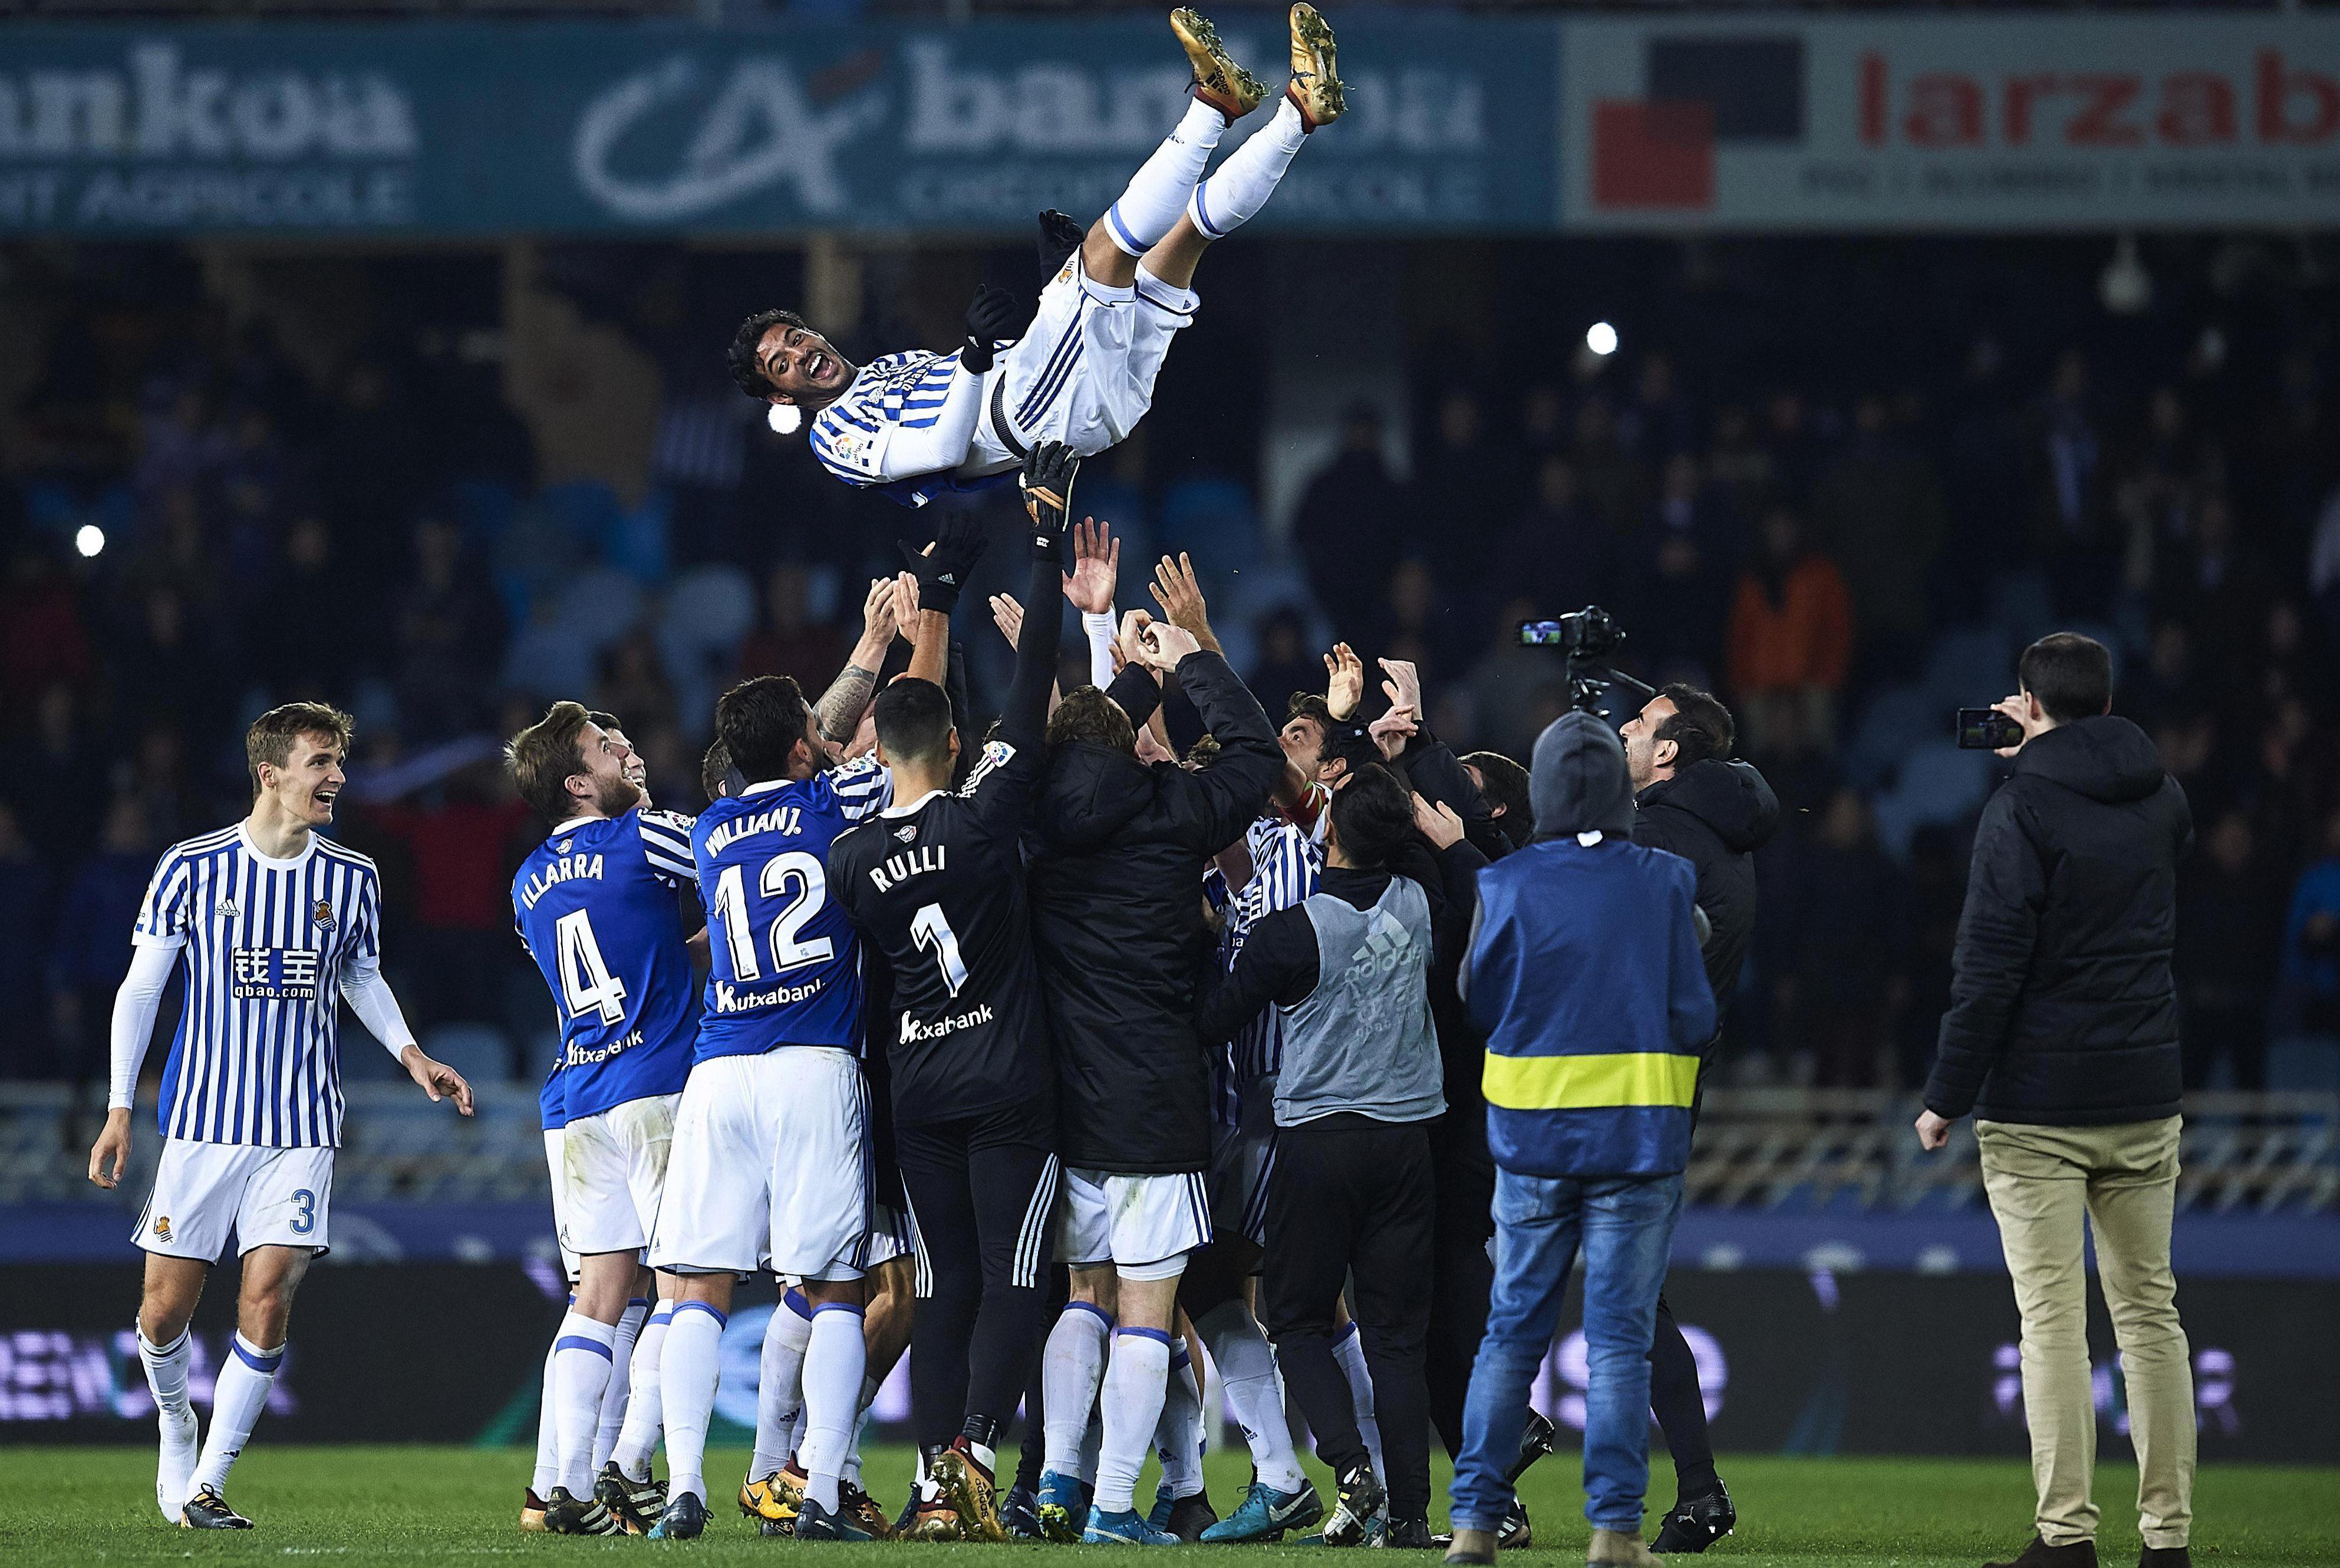 His team-mates throw him high in the air